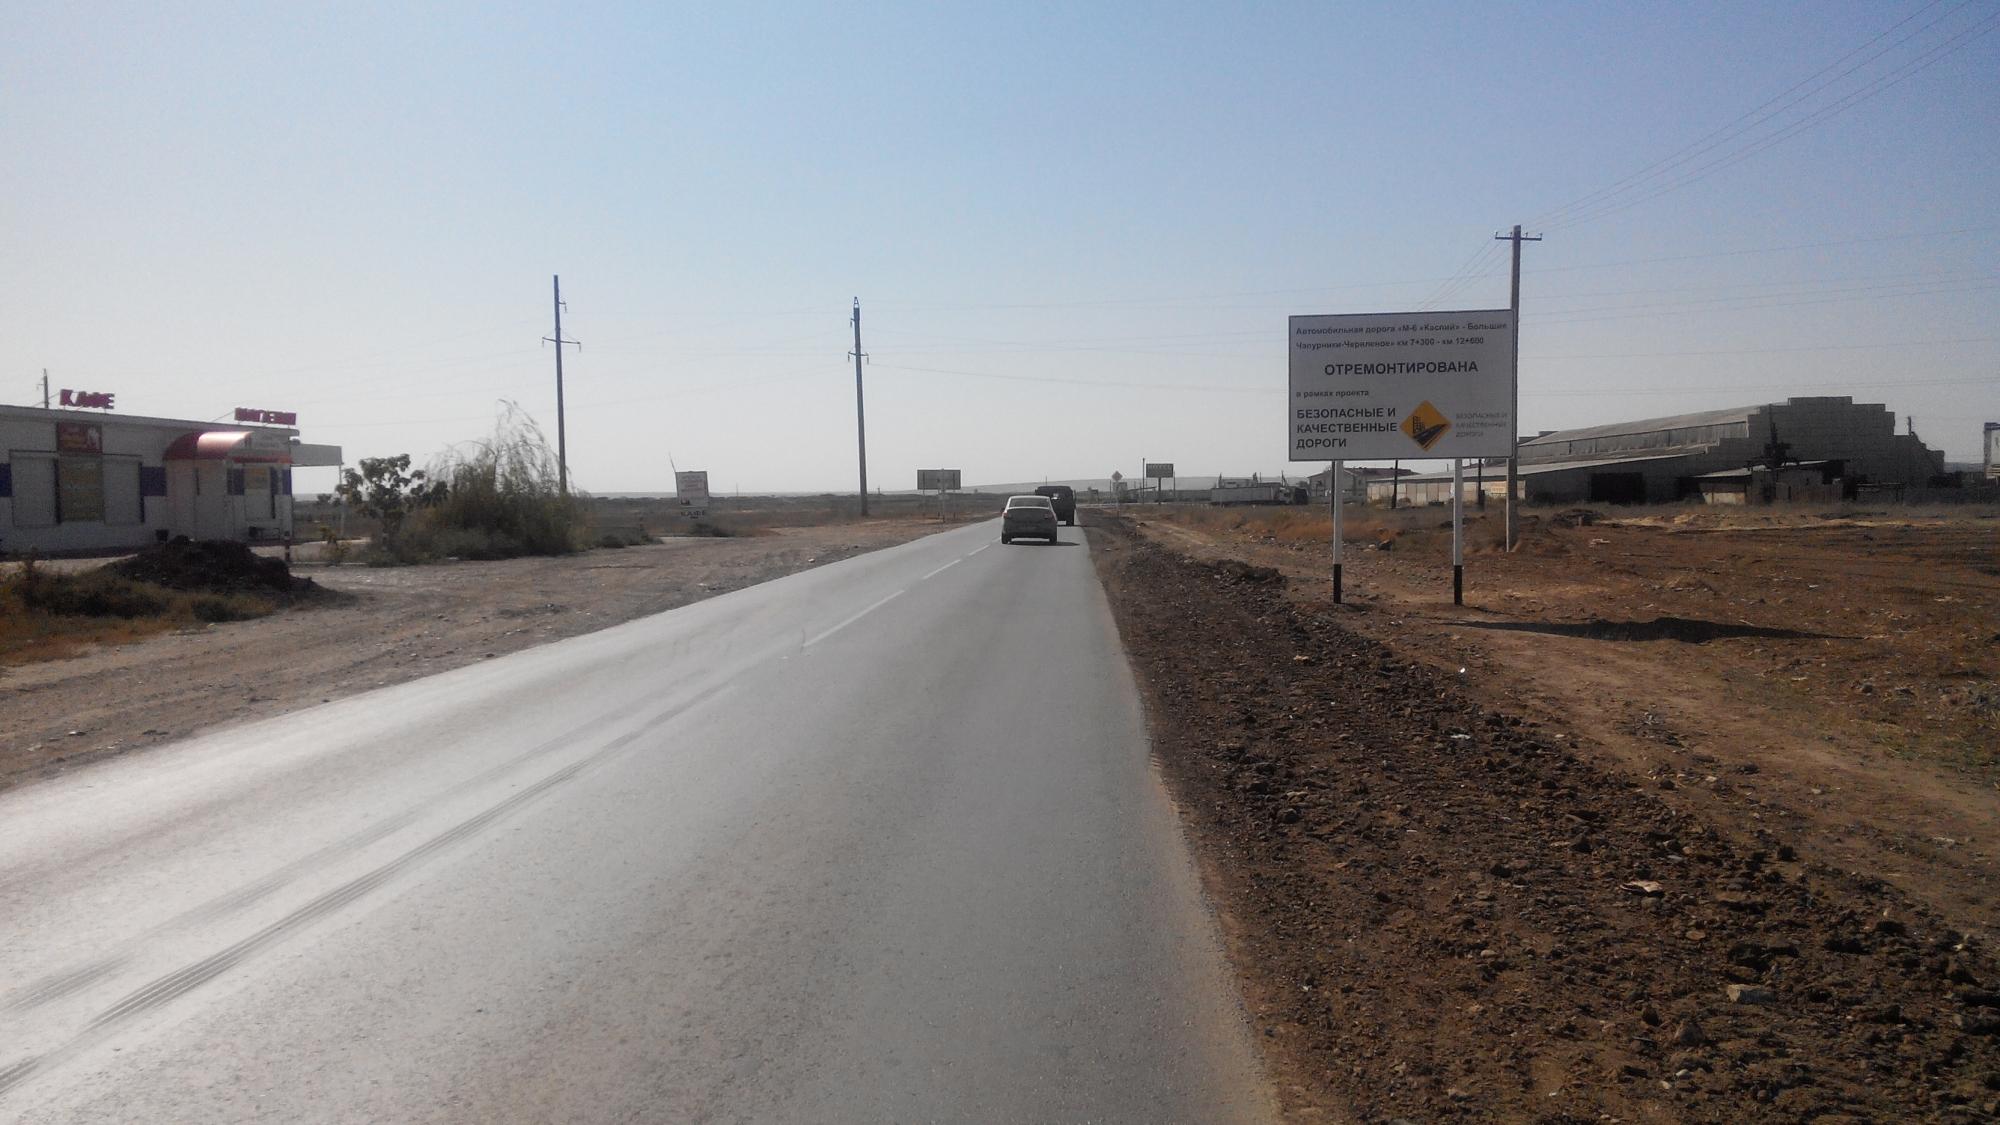 ВВолгоградской области отремонтировали дорогу кБольшим Чапурникам